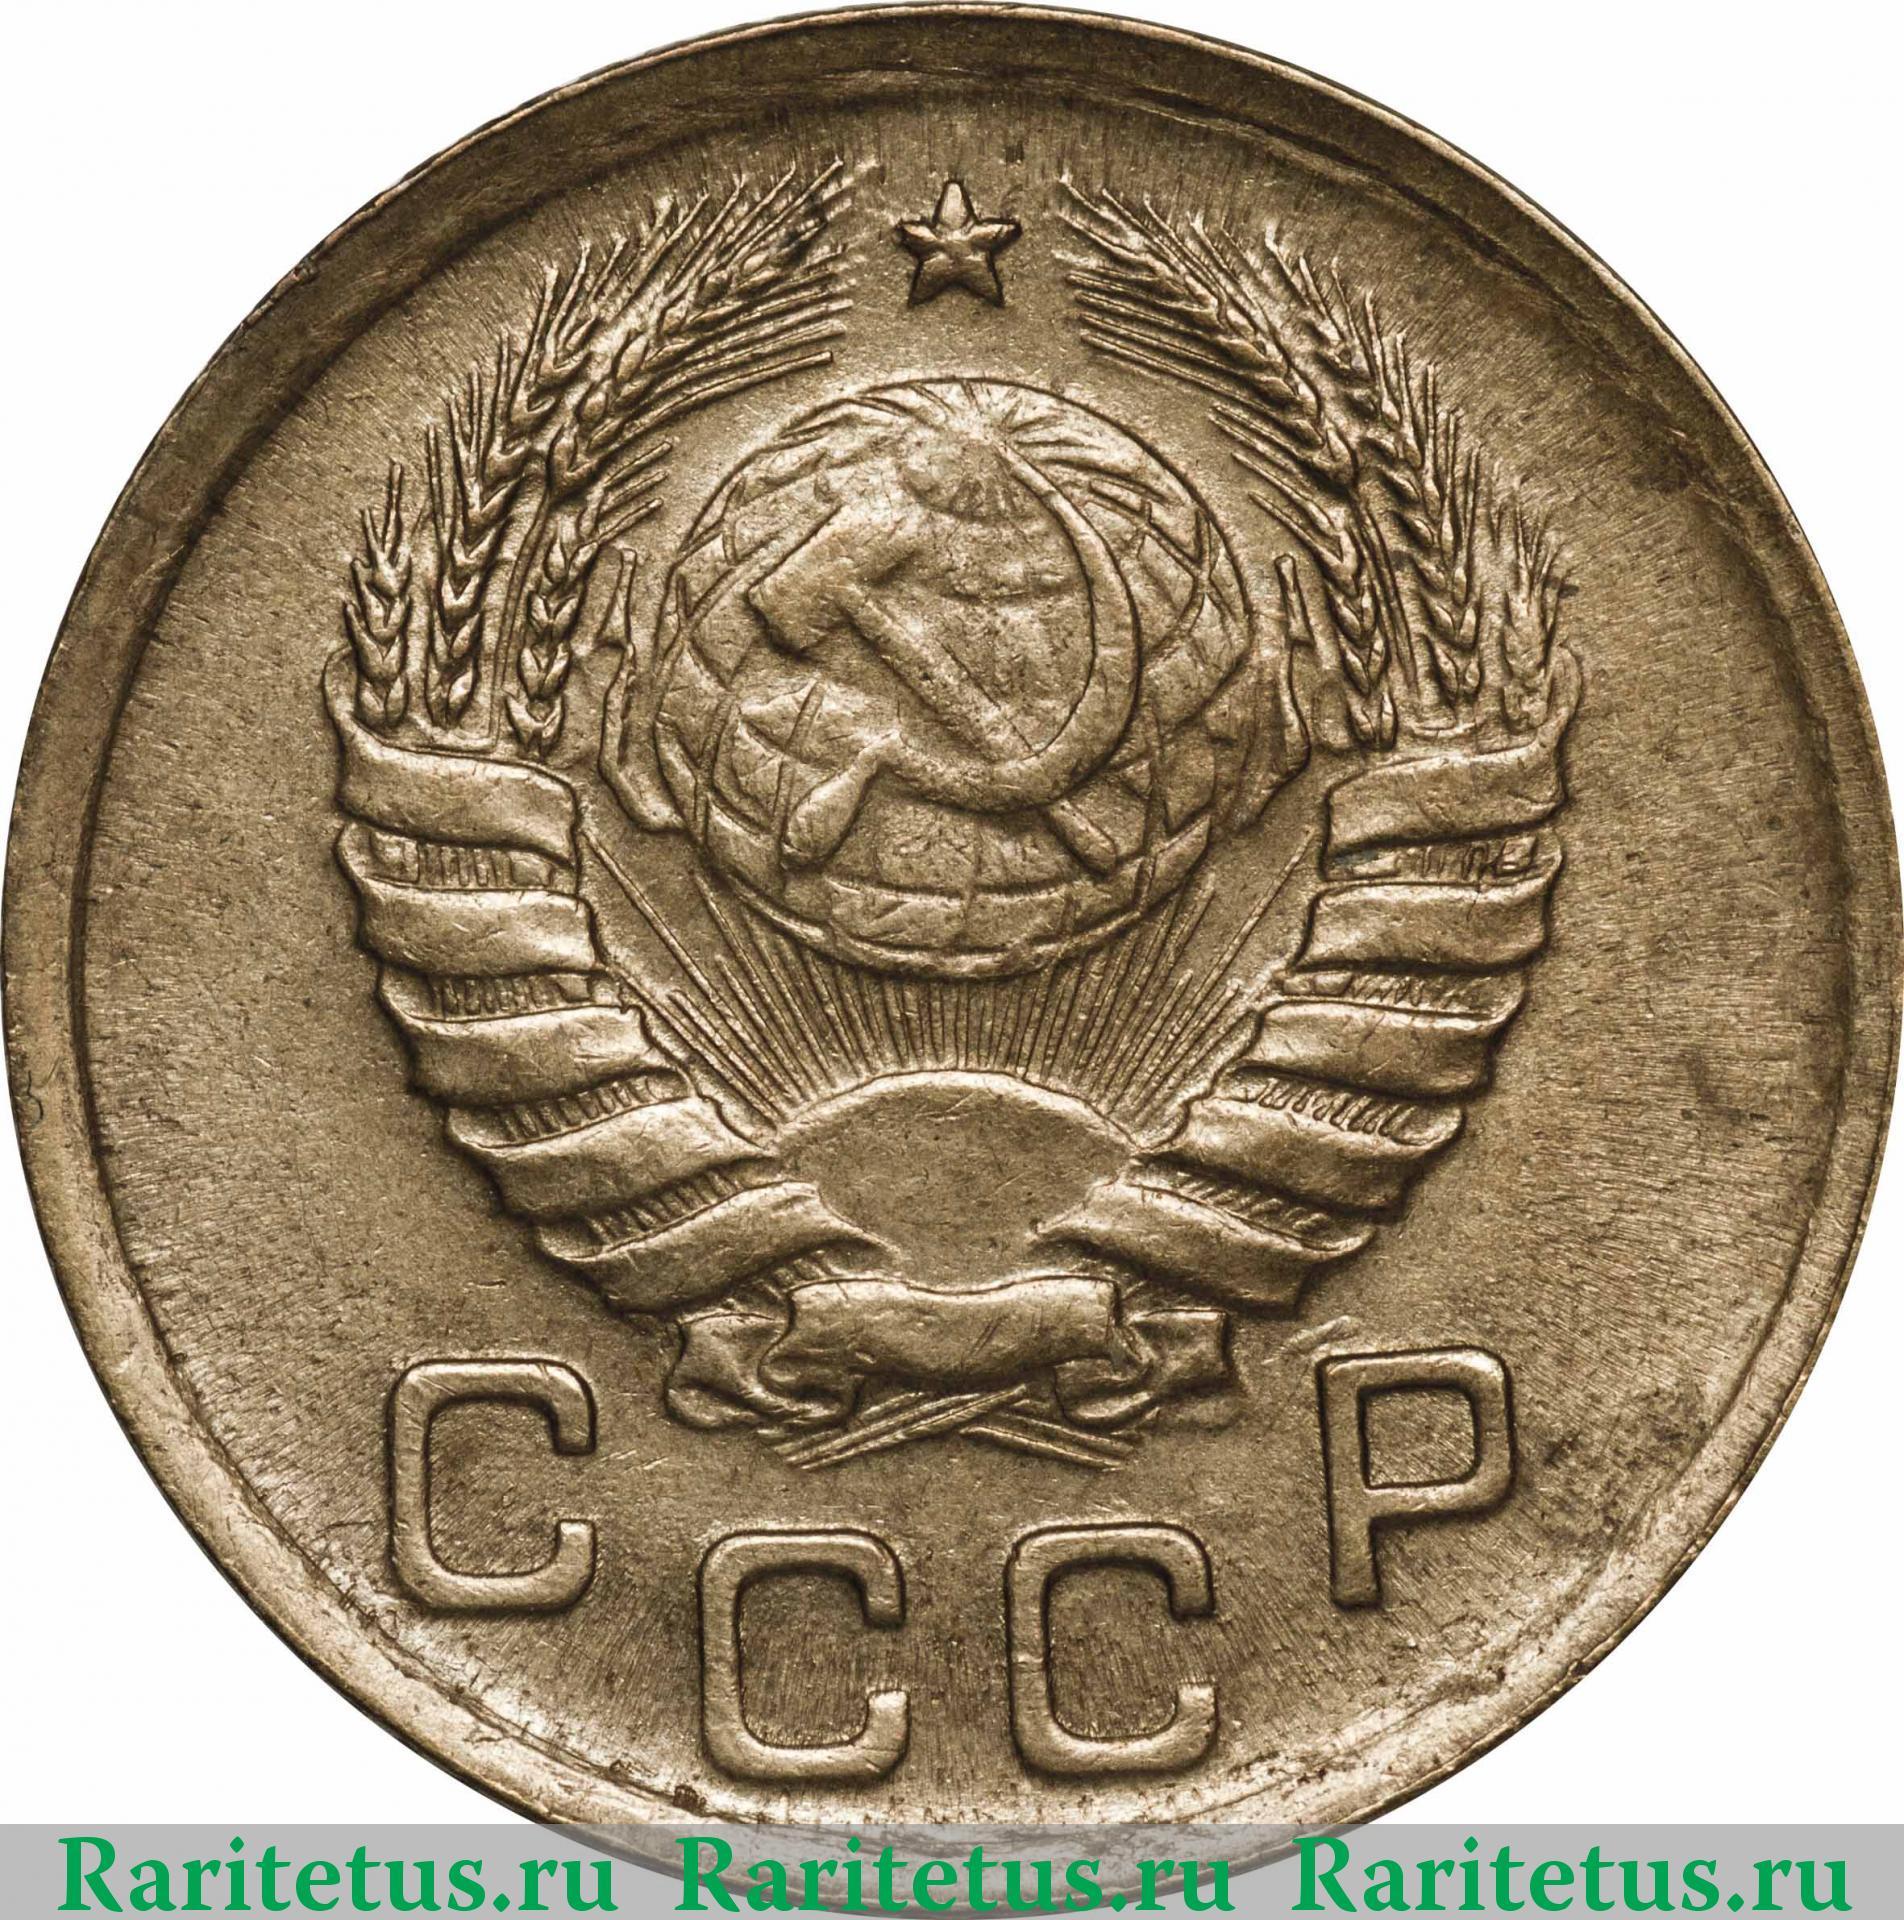 1 копейка 1940 года стоимость купить наборы почтовых марок